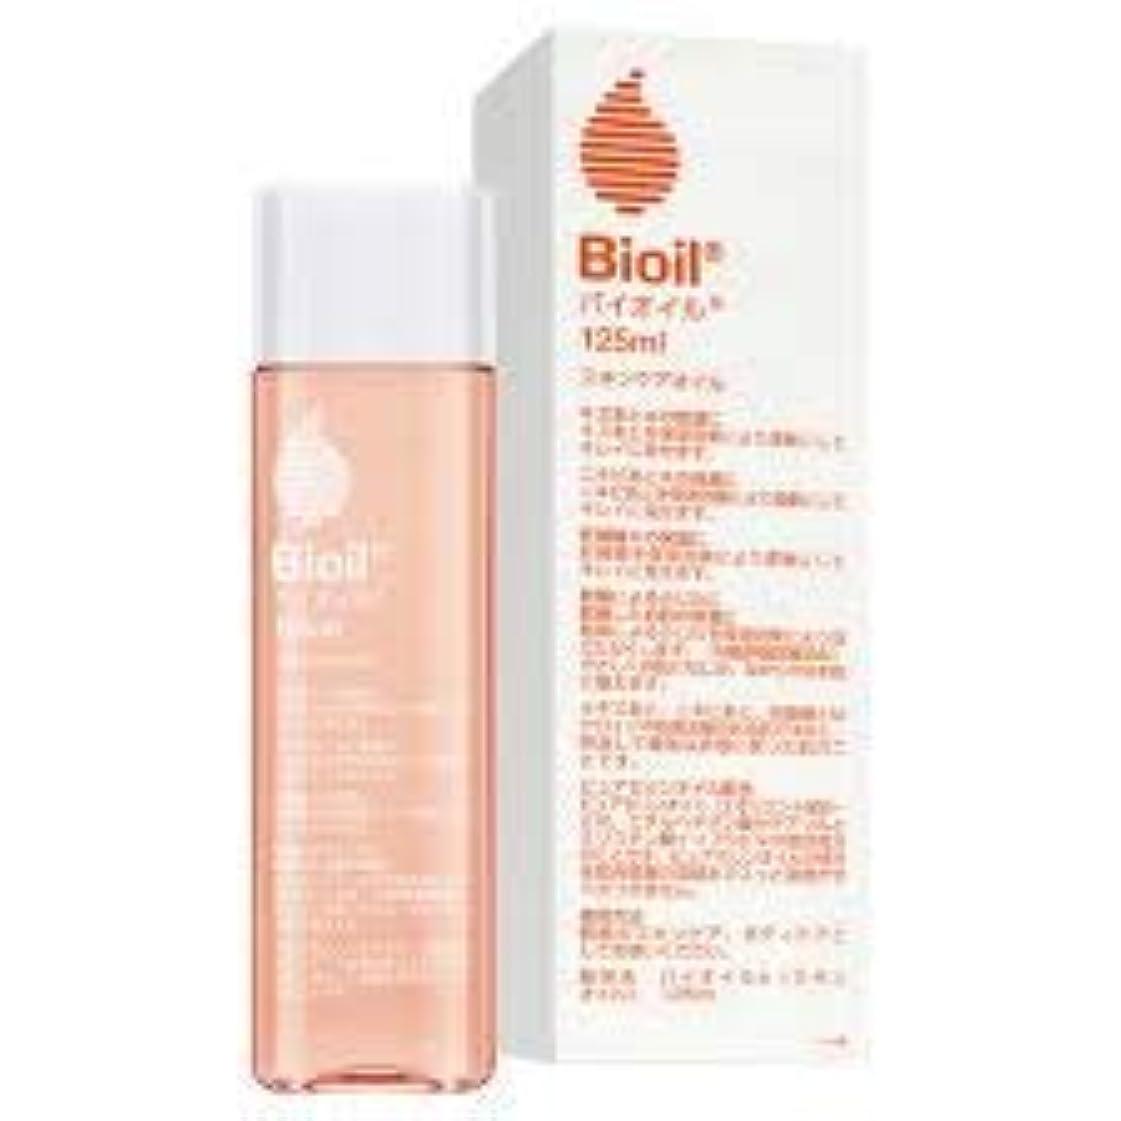 飢饉安らぎセンターバイオイル Bioil 125ml (小林製薬)